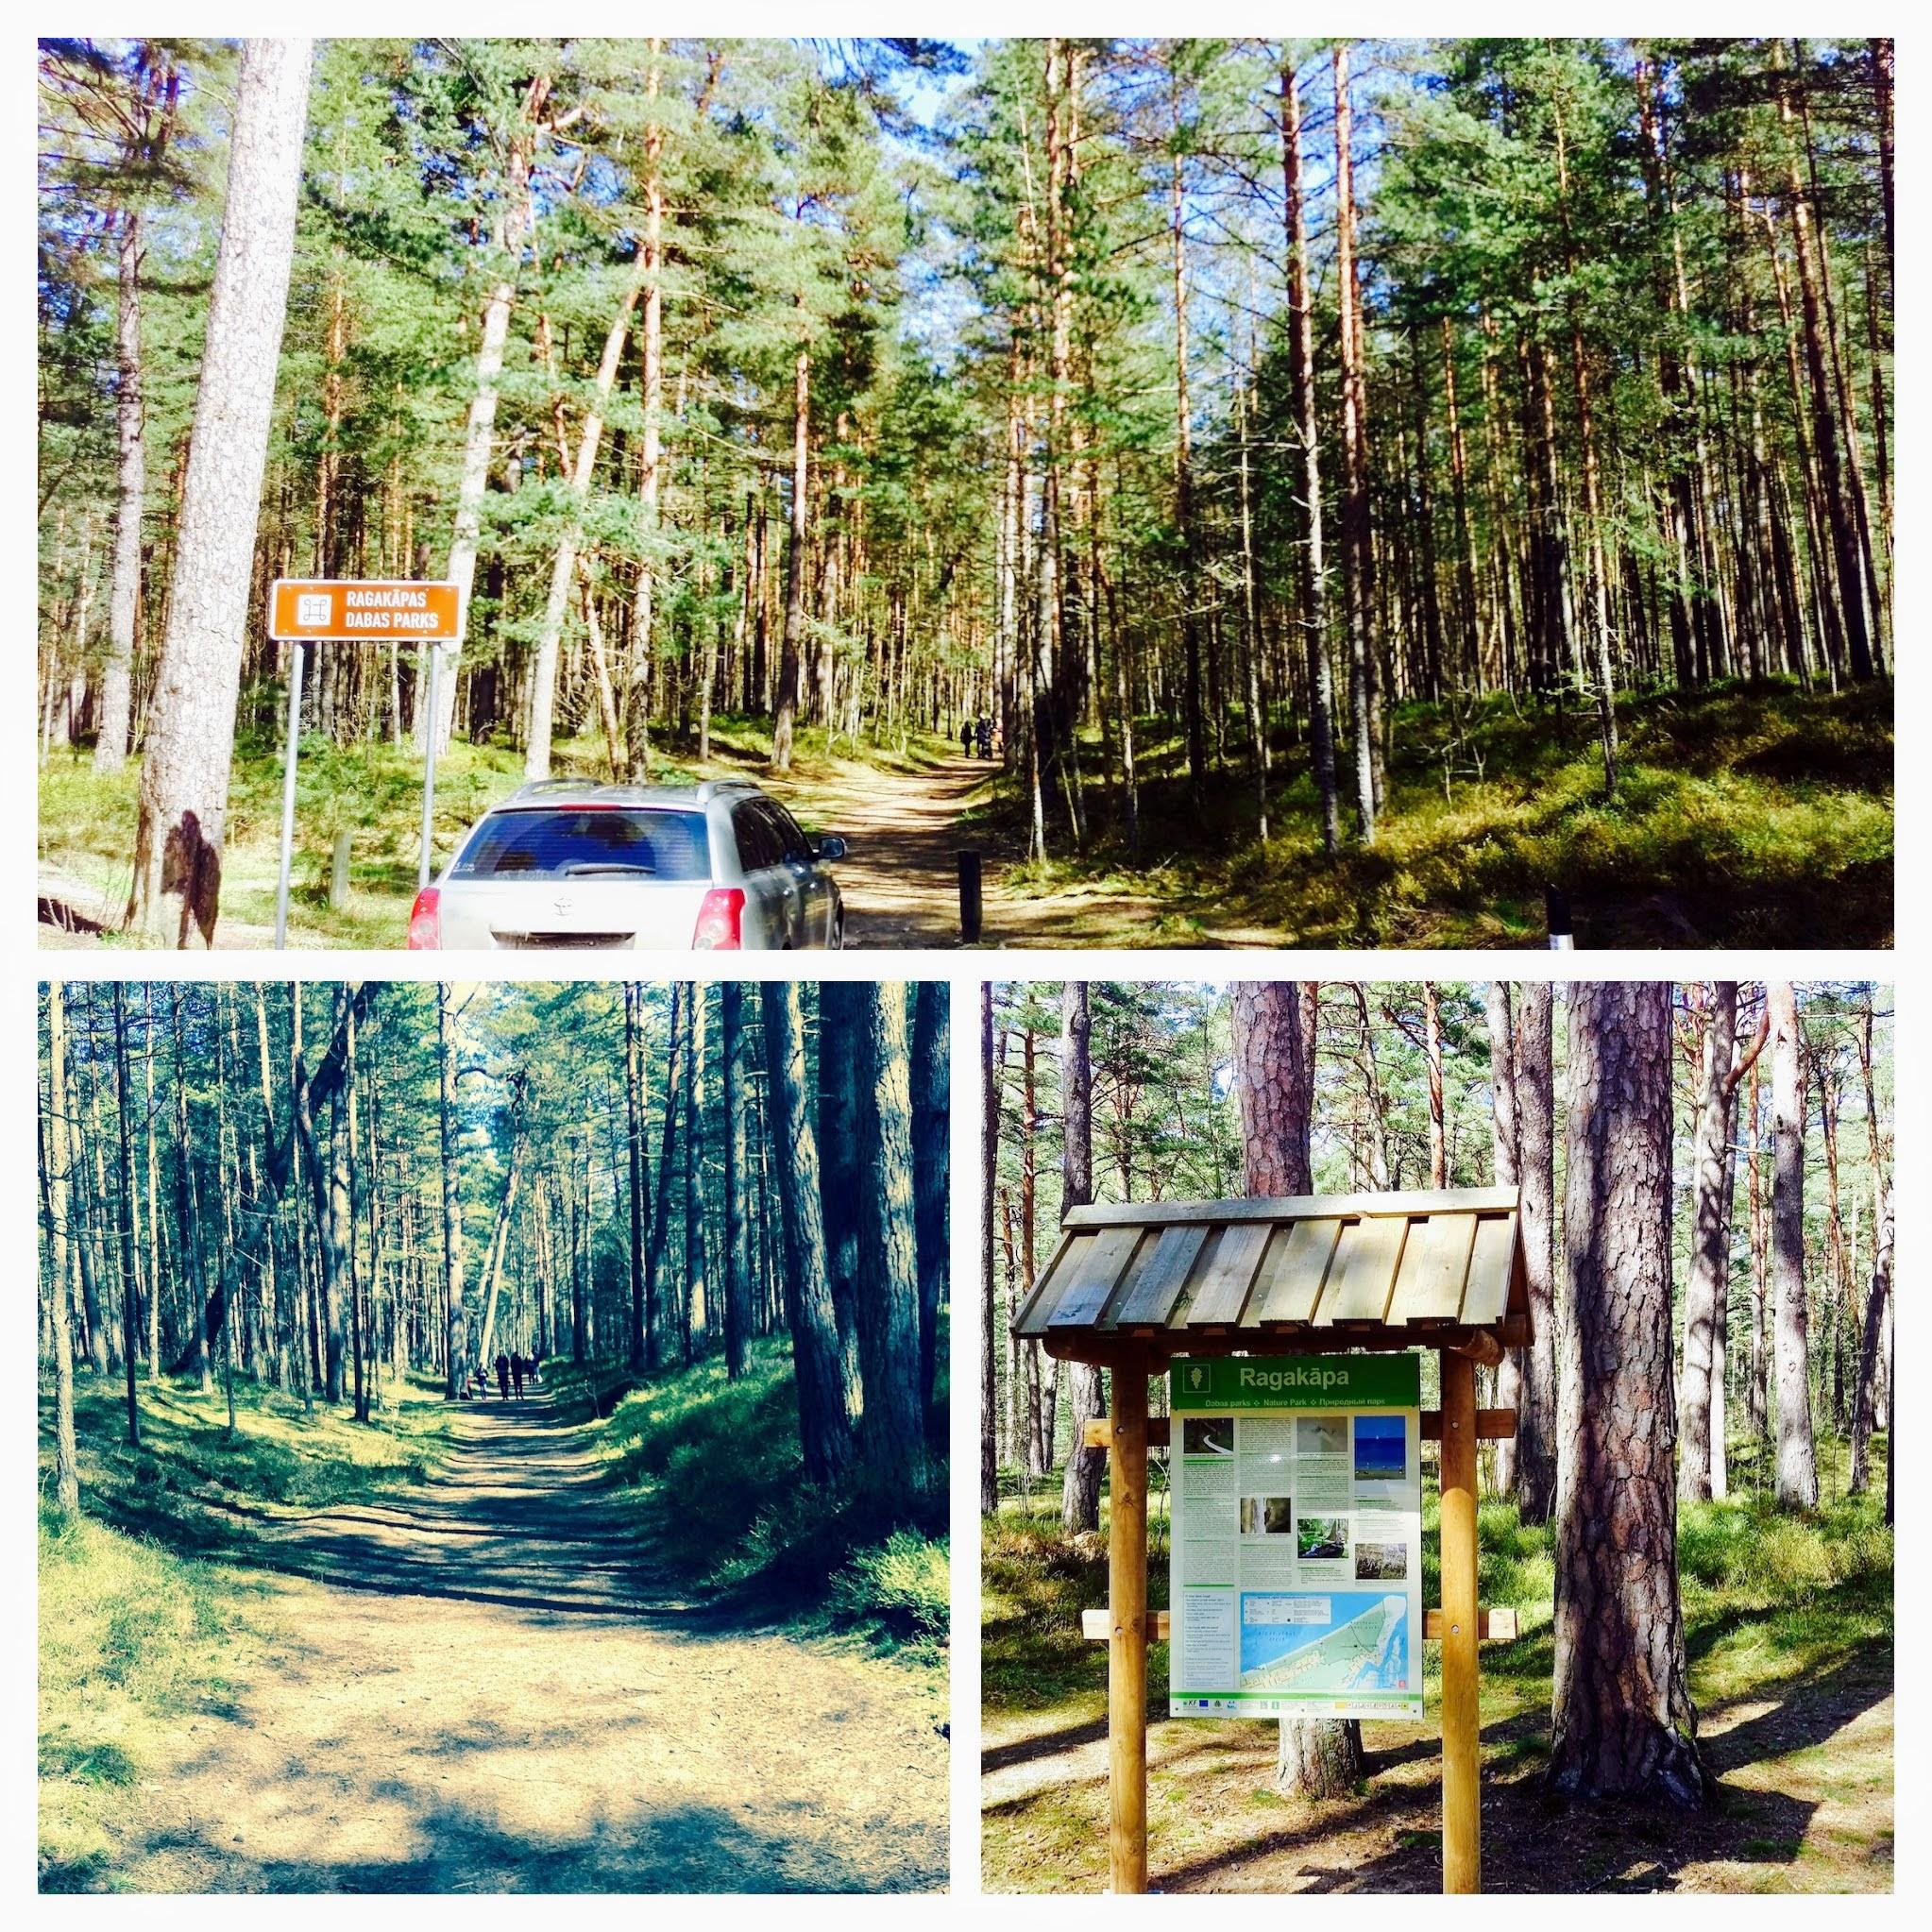 Ragakapas Nature Park, Jurmala - Urban Treetops